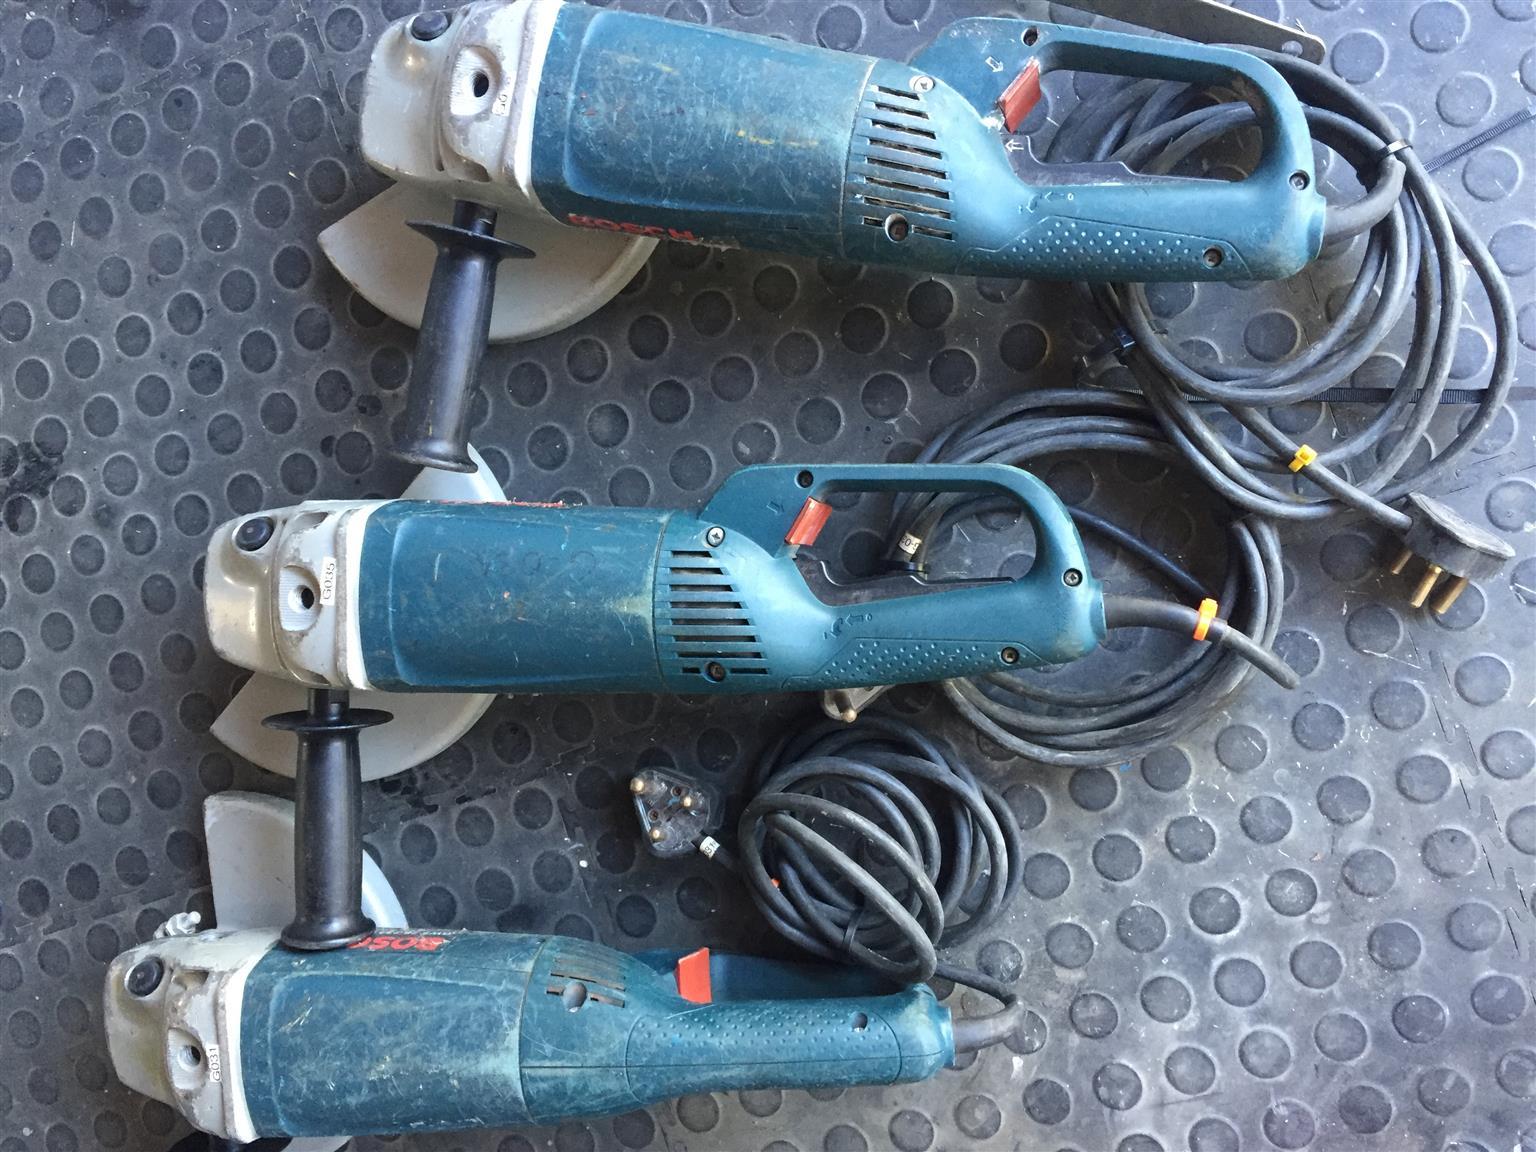 Bosch GWS 26 - 230B Proffessional grinders